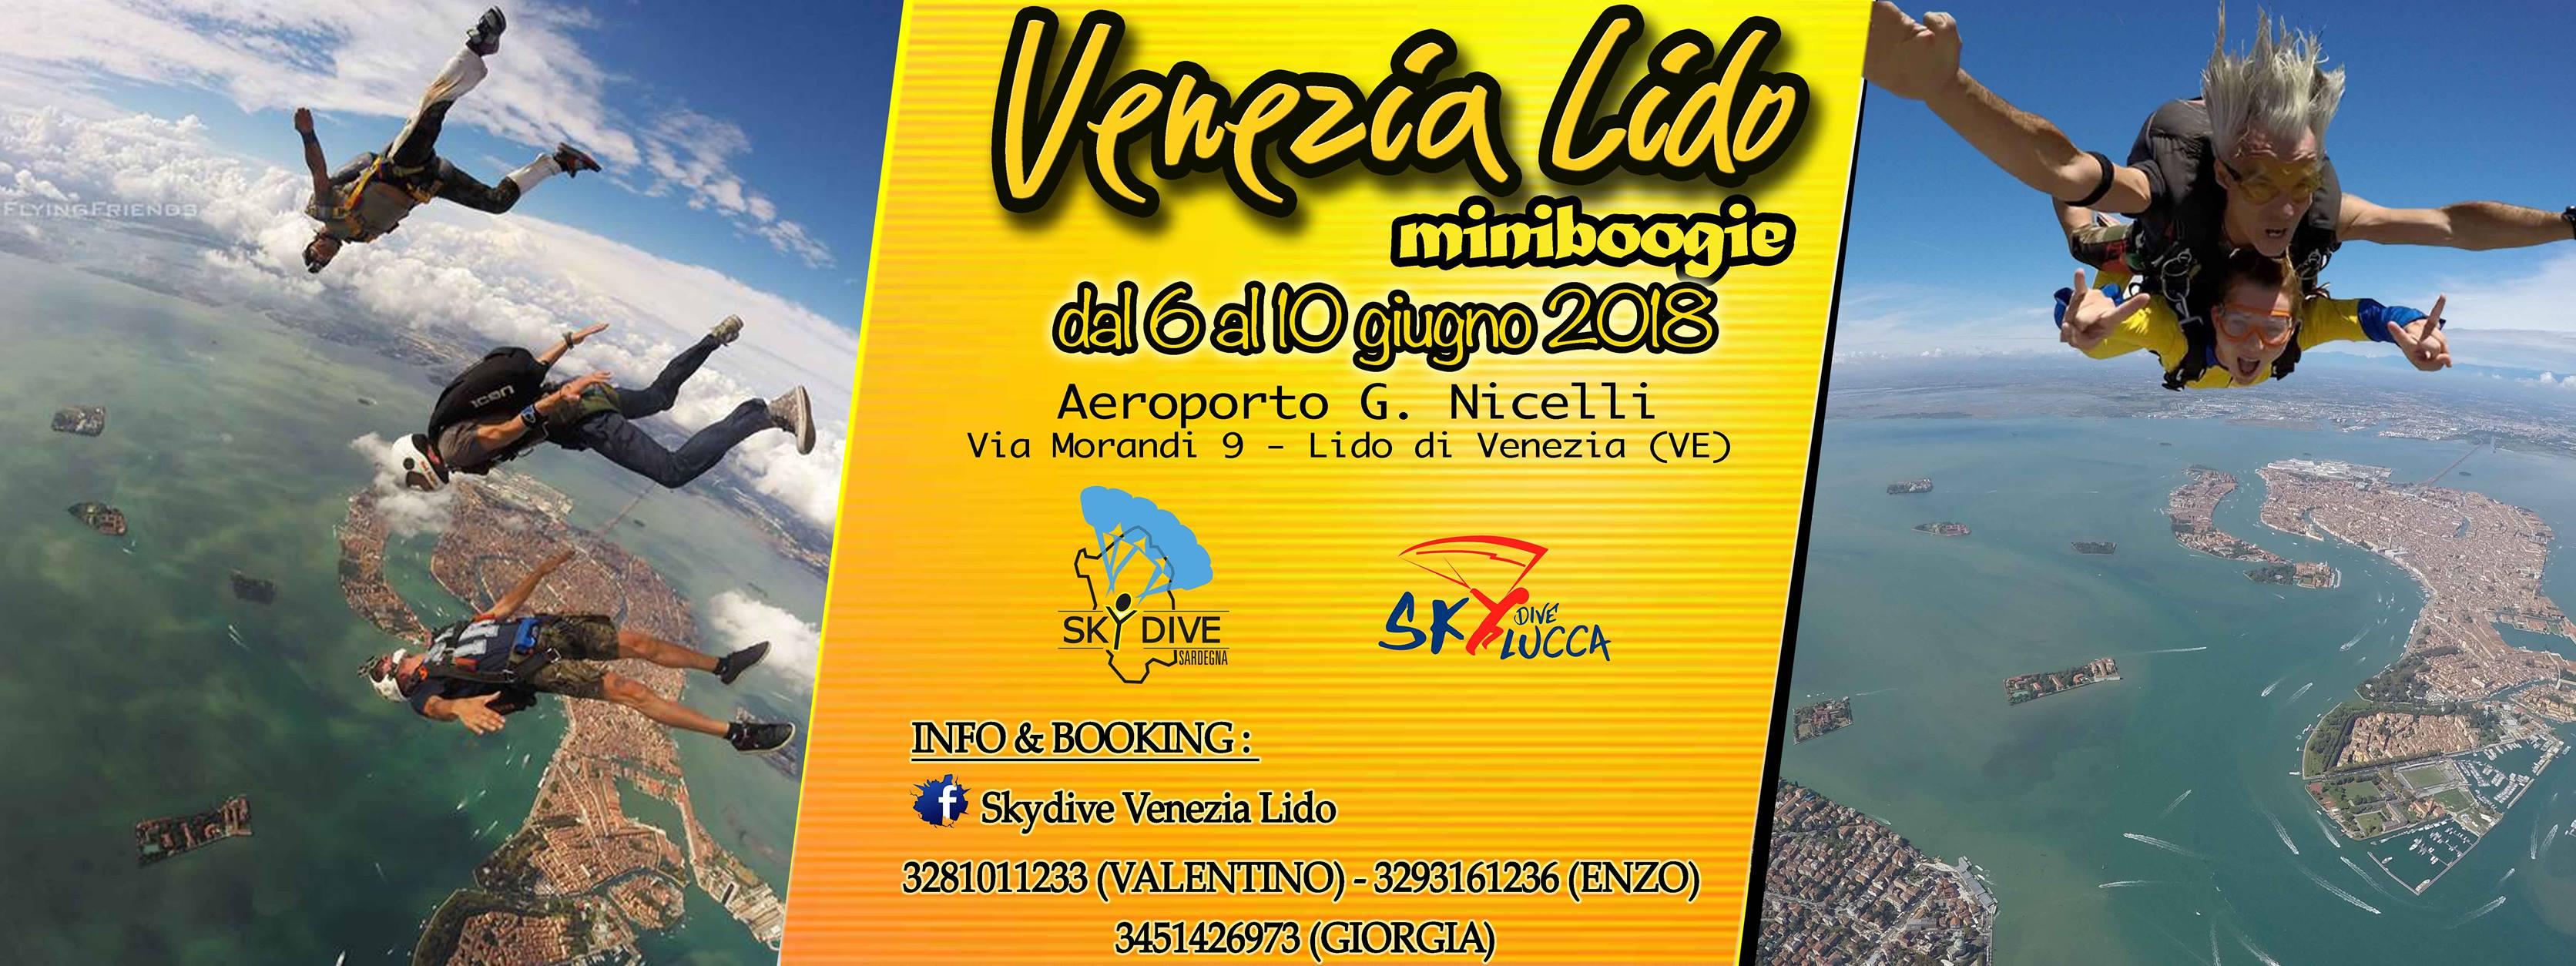 boogie venezia